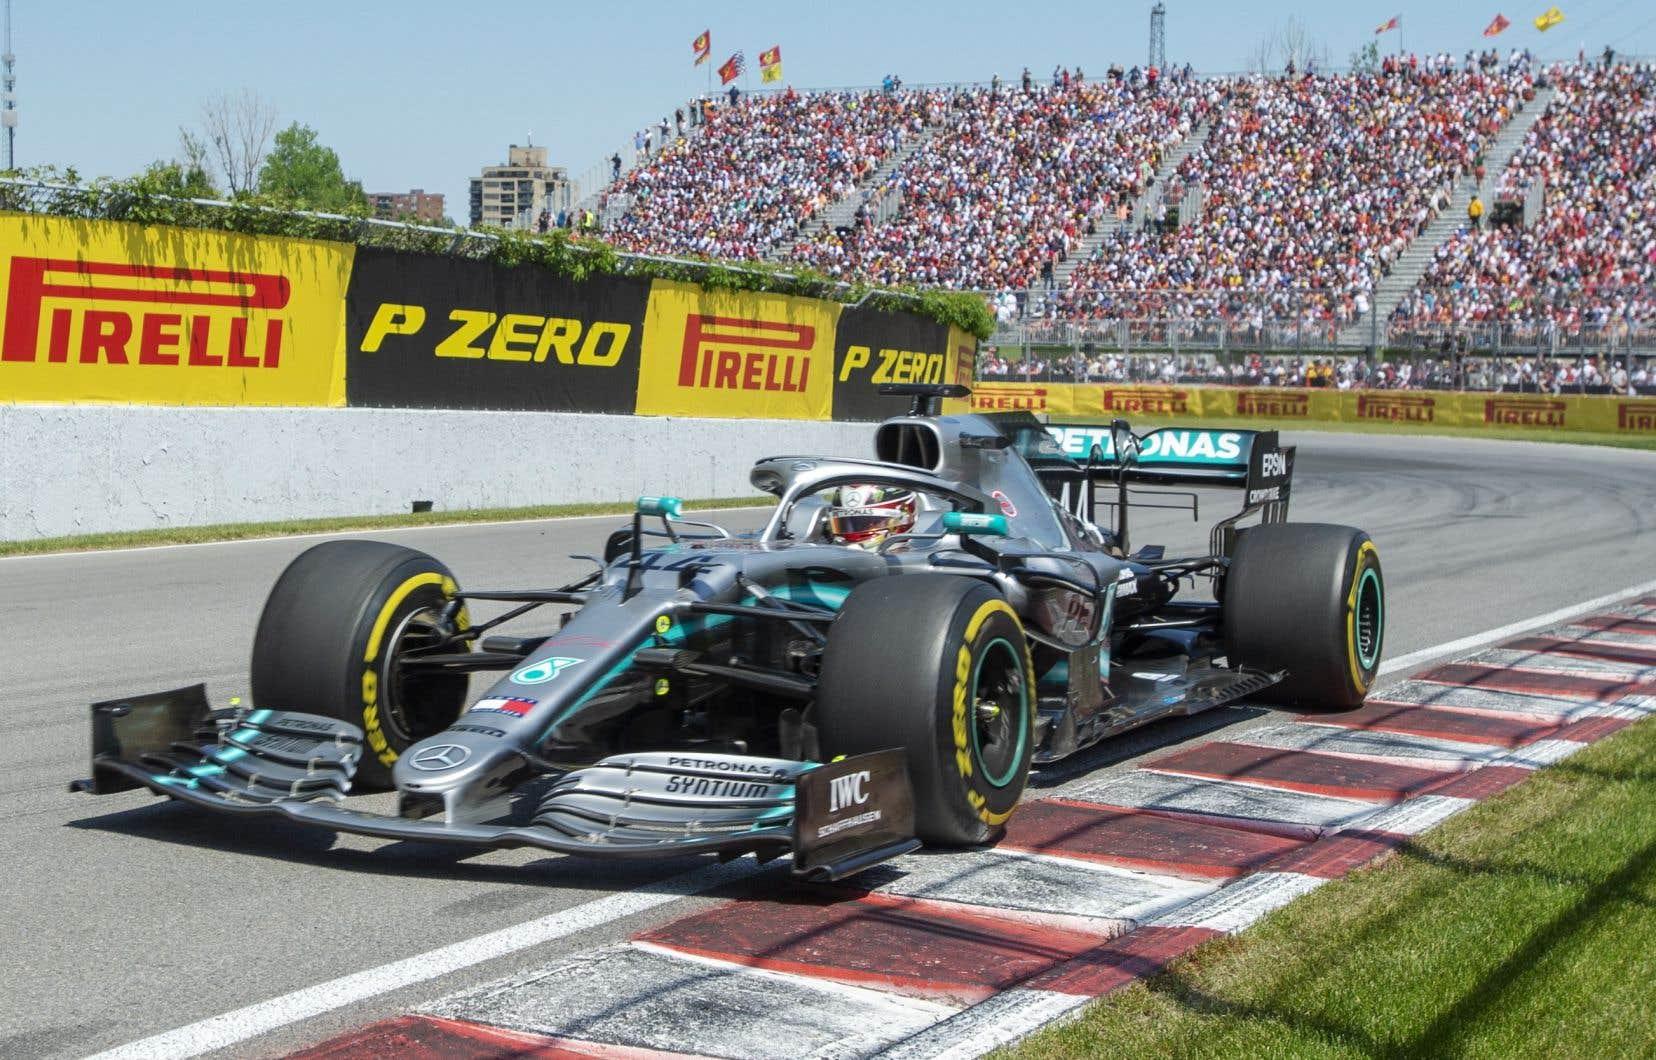 Le Grand Prix de F1 du Canada, en 2019